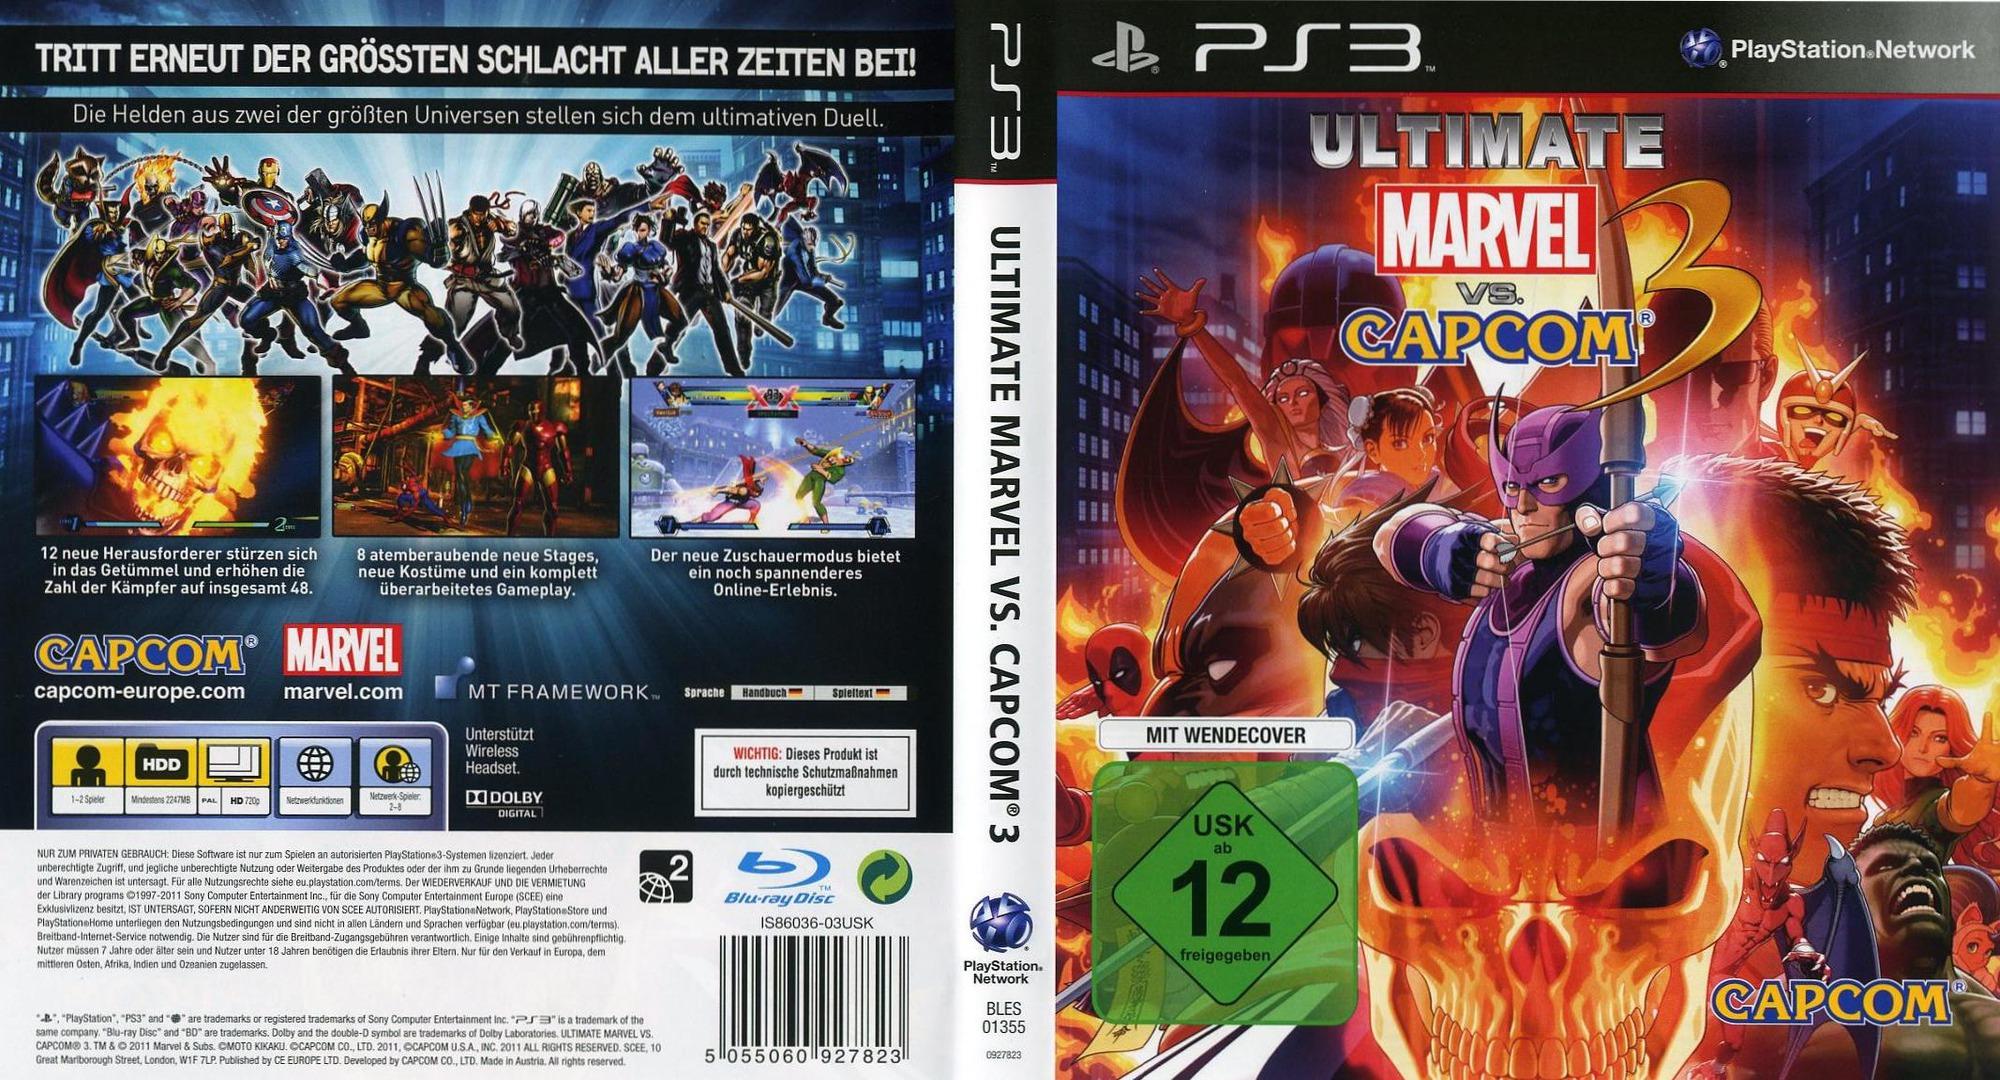 BLES01355 - Ultimate Marvel vs Capcom 3